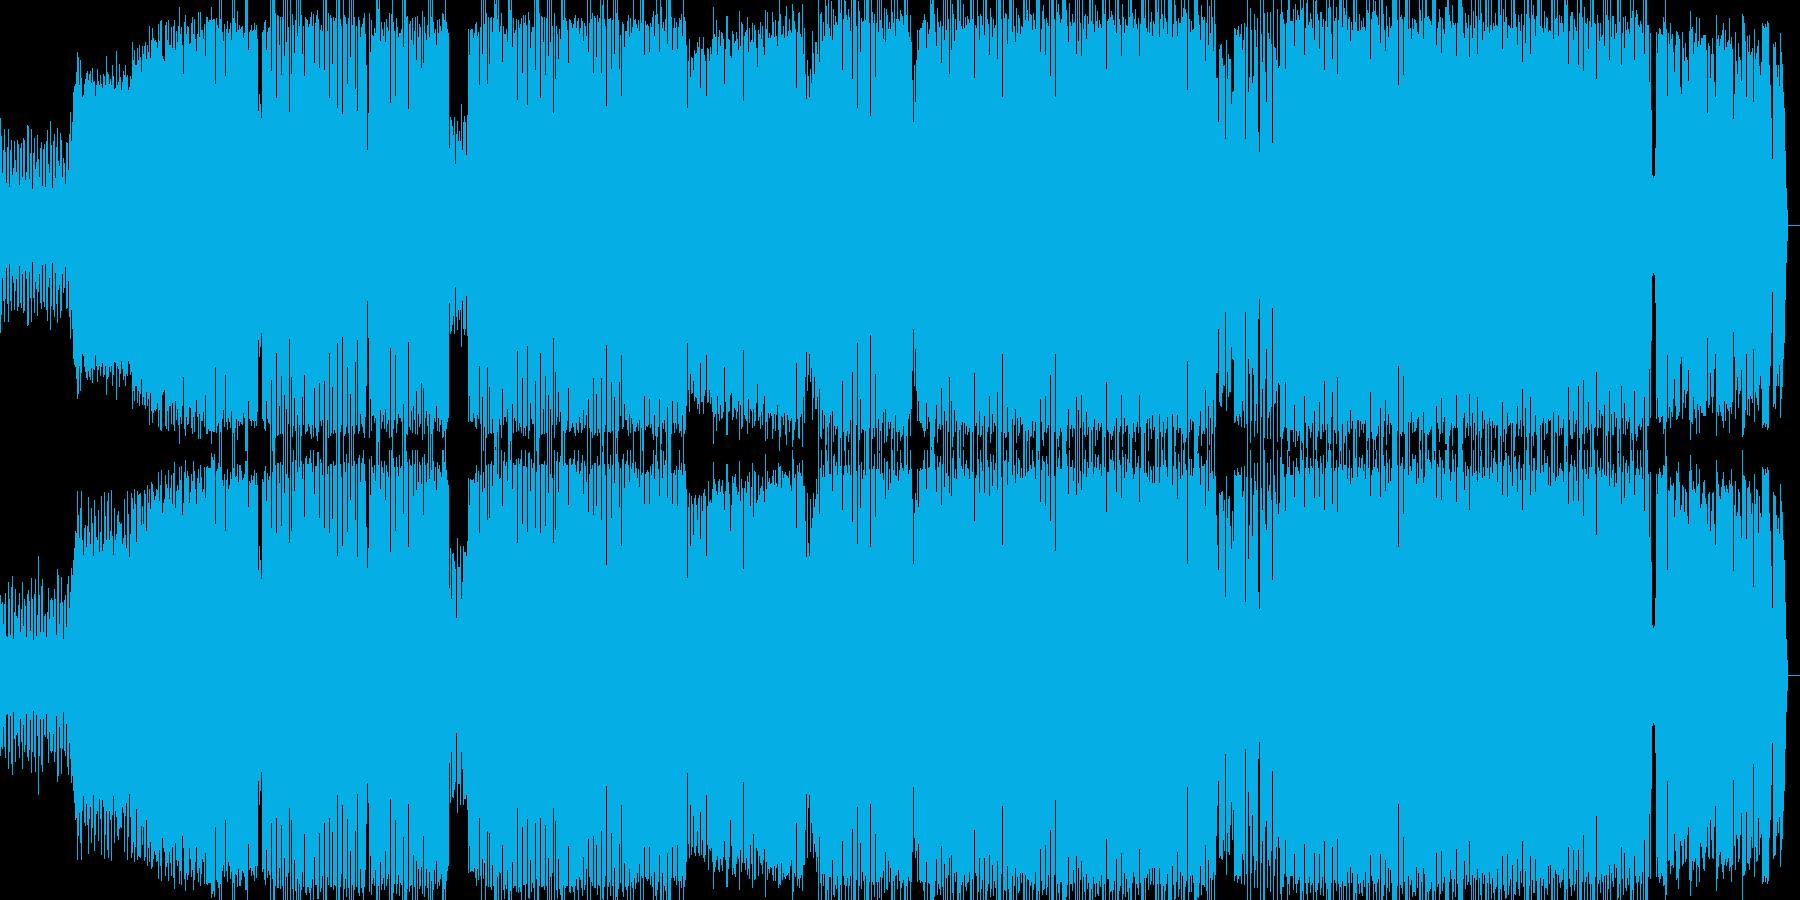 男性ボーカルが特徴のヒップホップの再生済みの波形